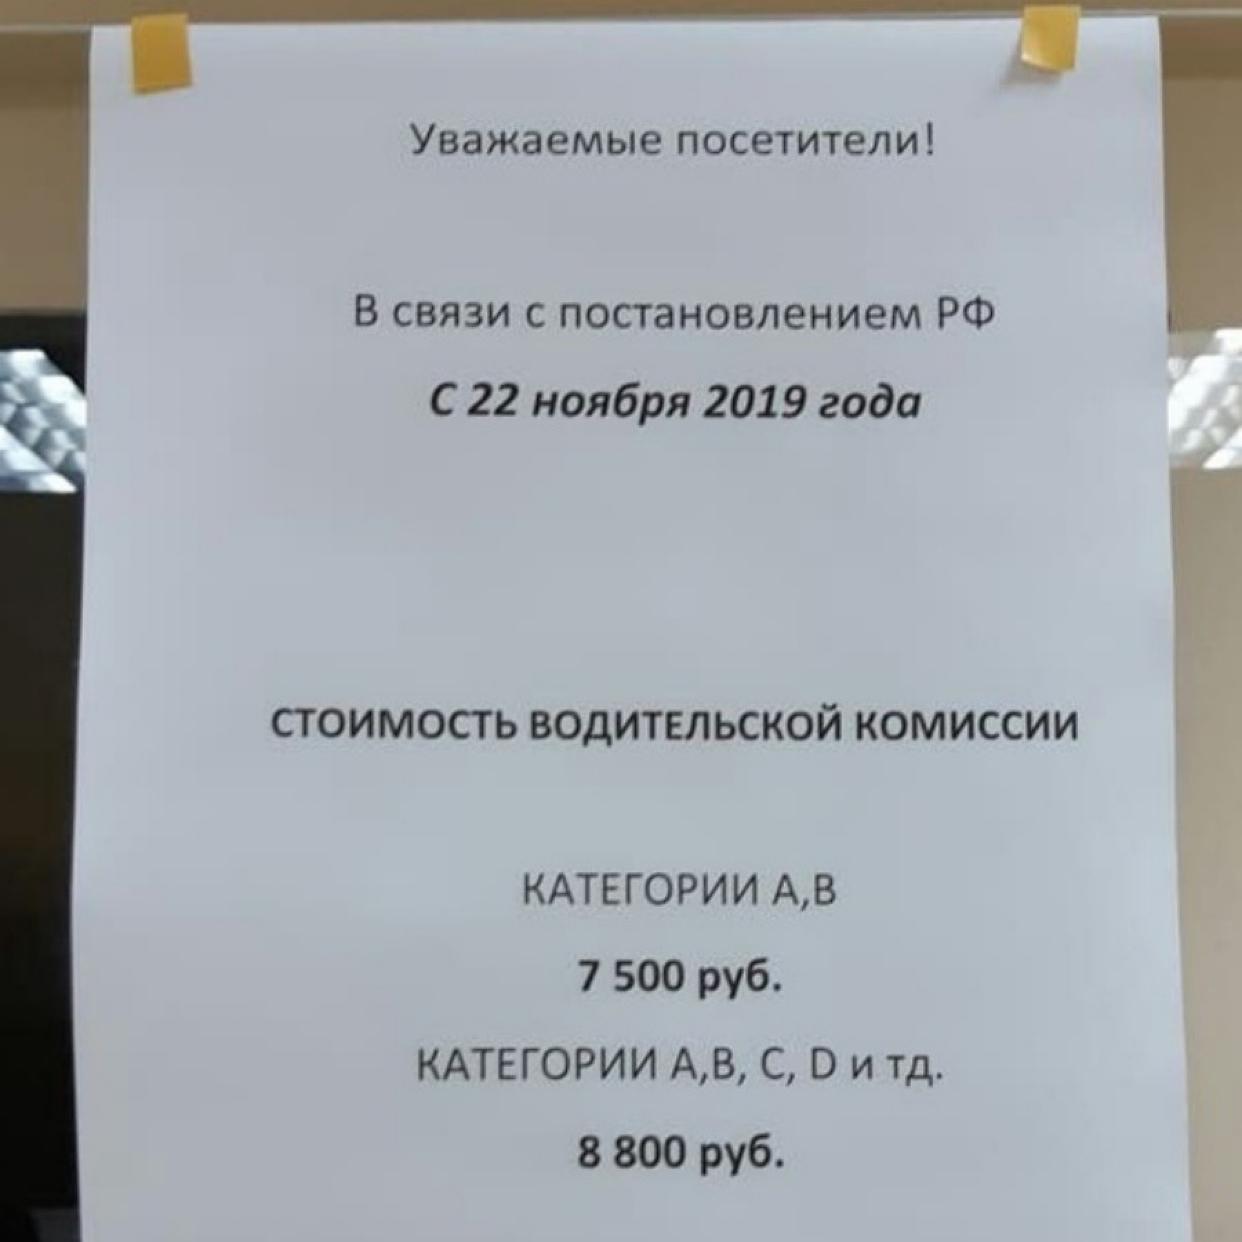 Комиссия для водителей